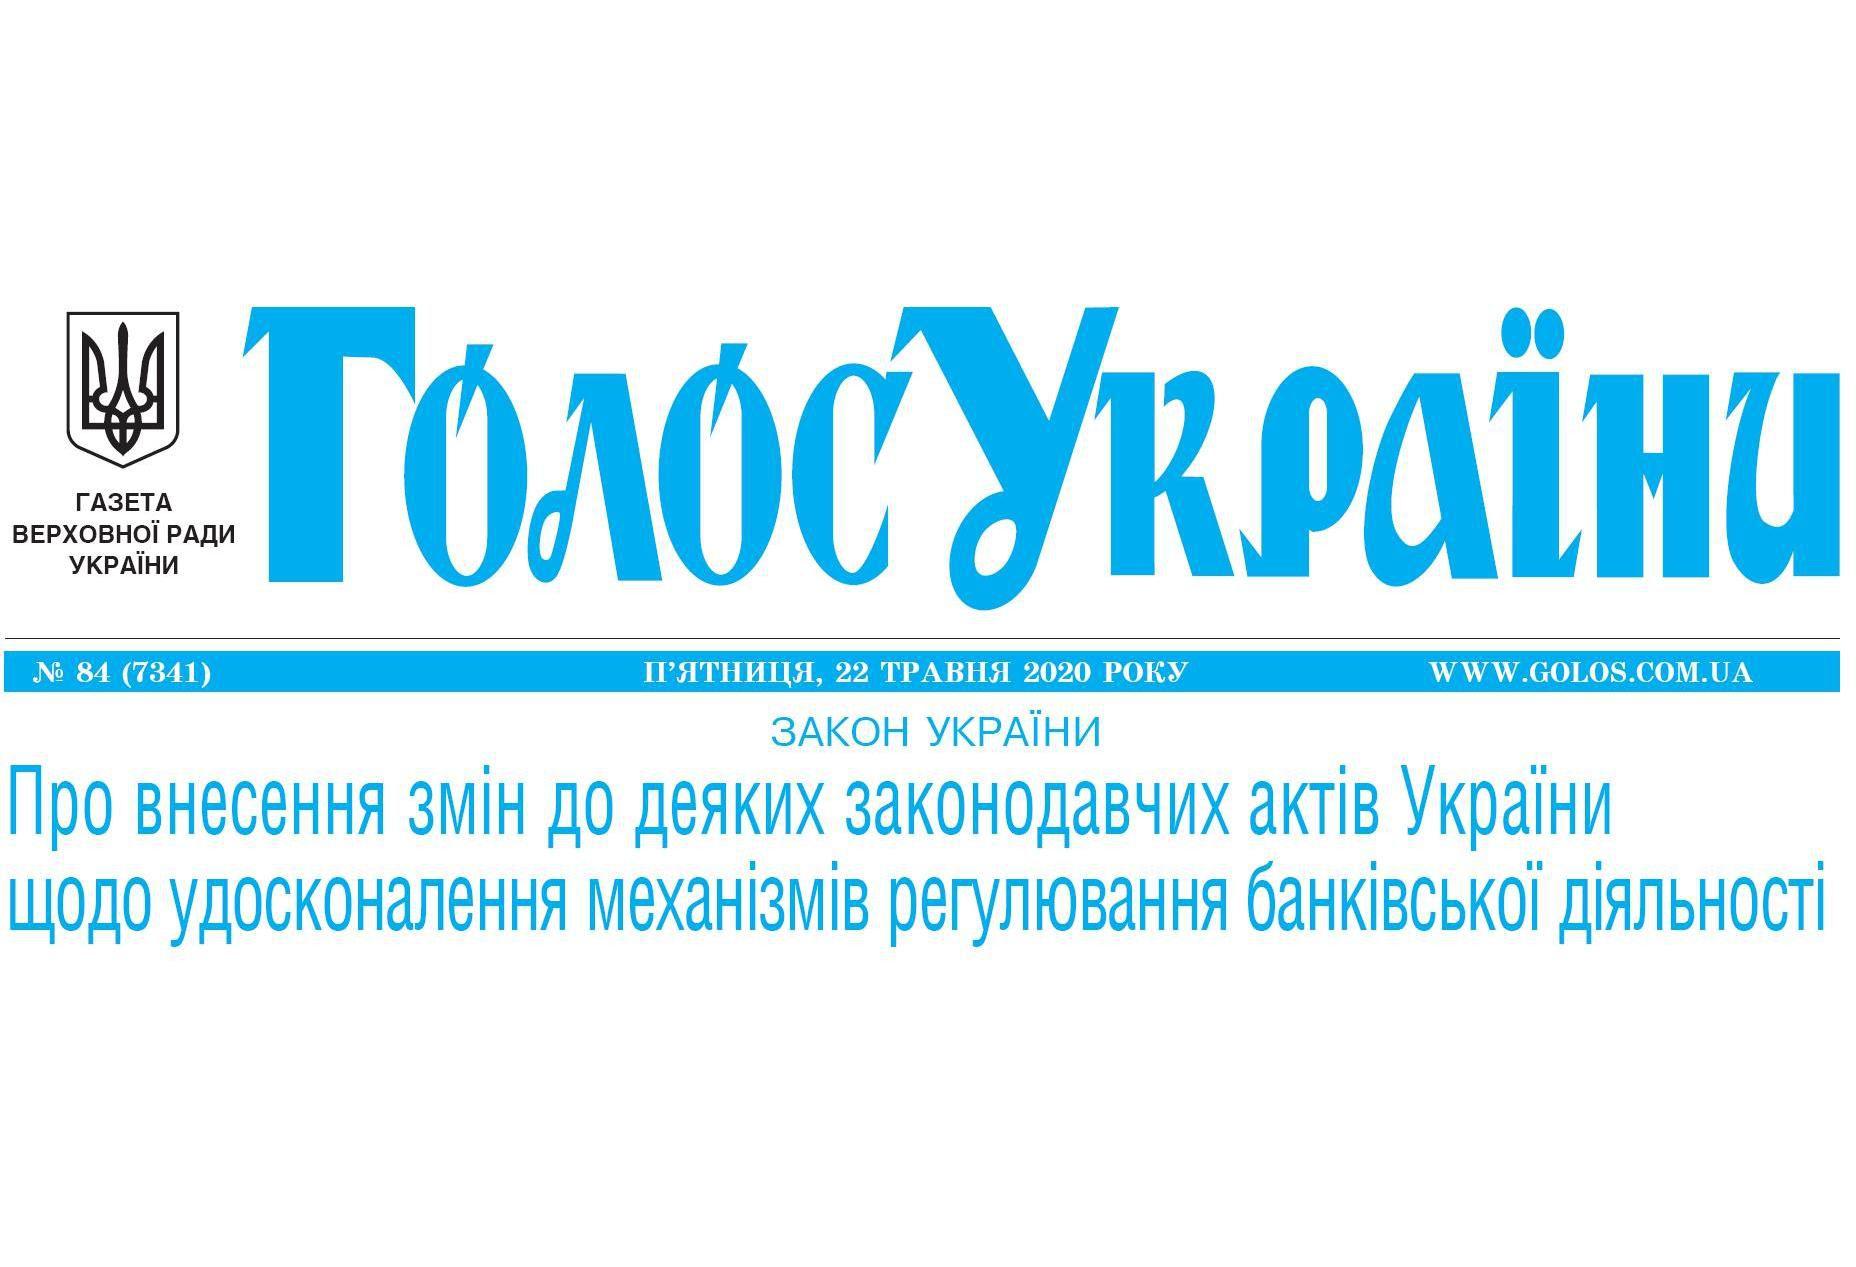 Закони ''Про внесення змін до деяких законодавчих актів України щодо удосконалення механізмів регулювання банківської діяльності'' та інші